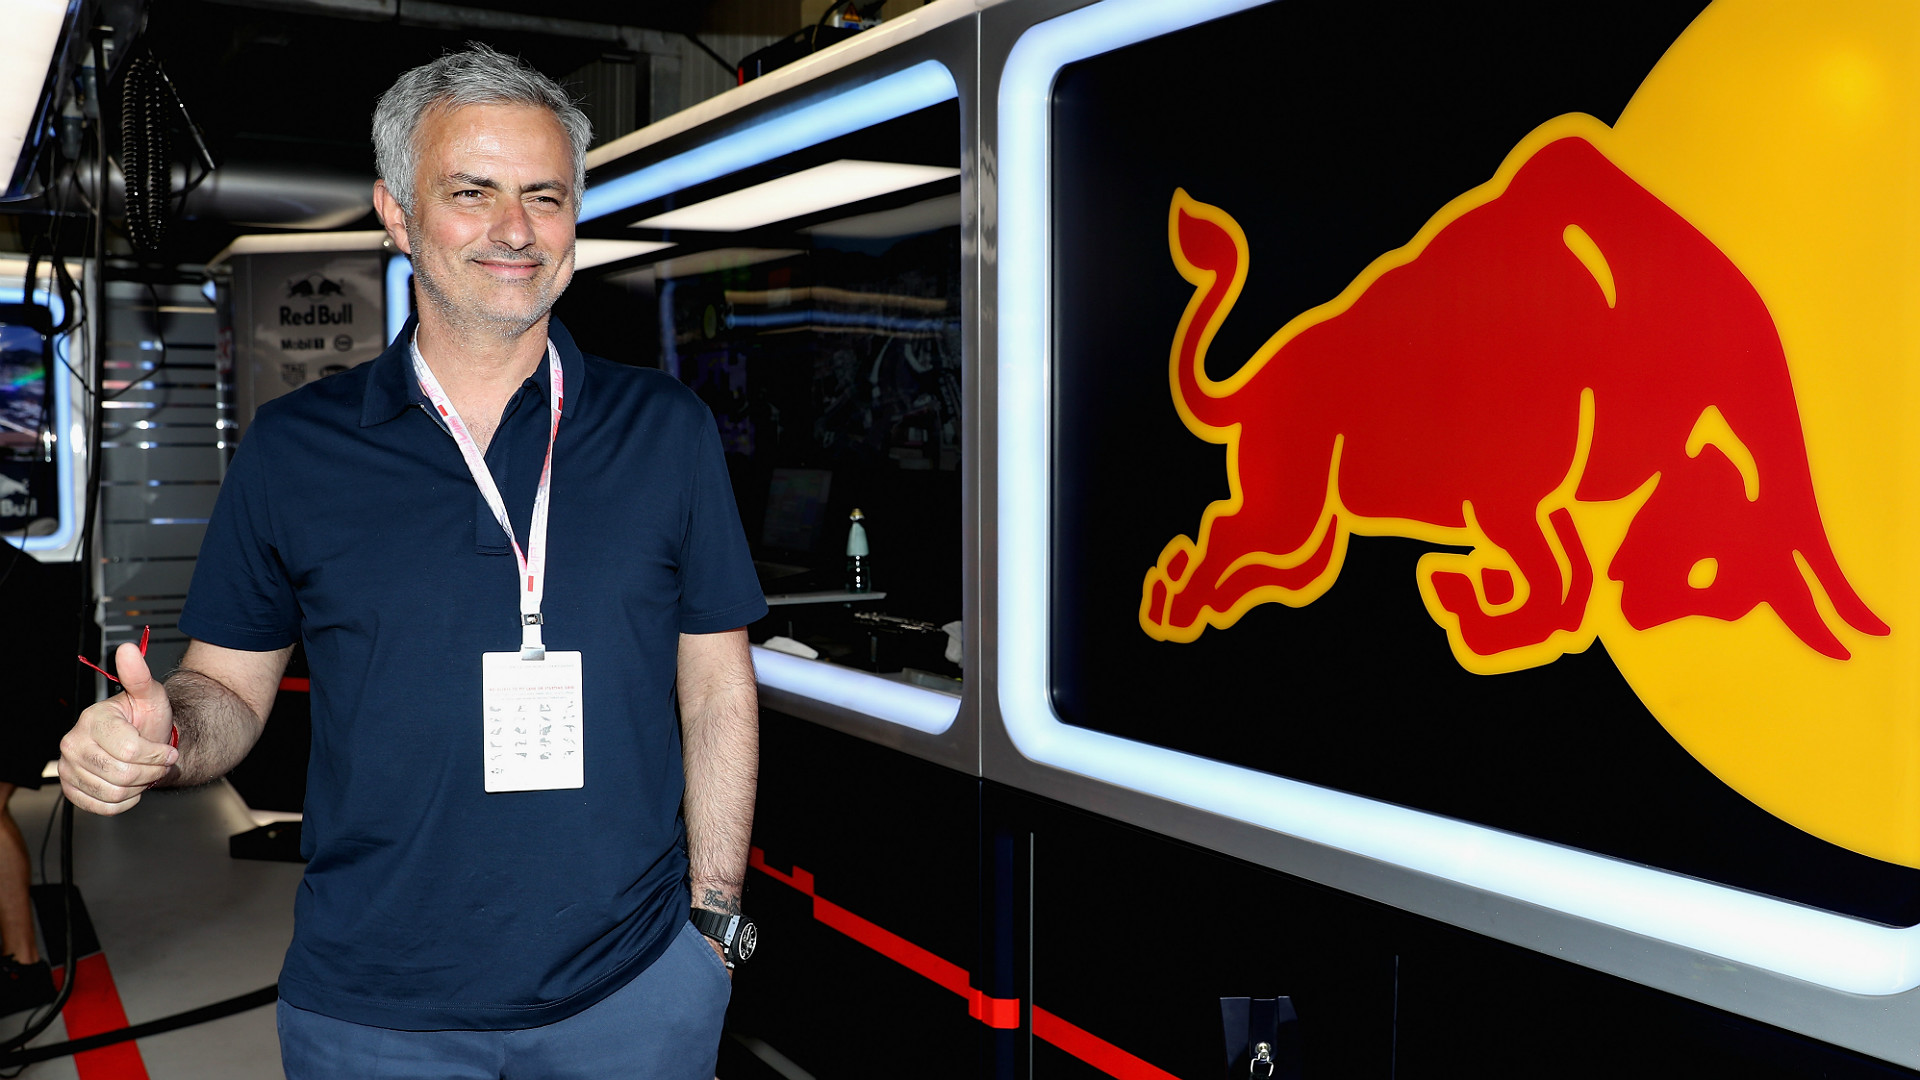 Jose Mourinho F1 Monaco Grand Prix